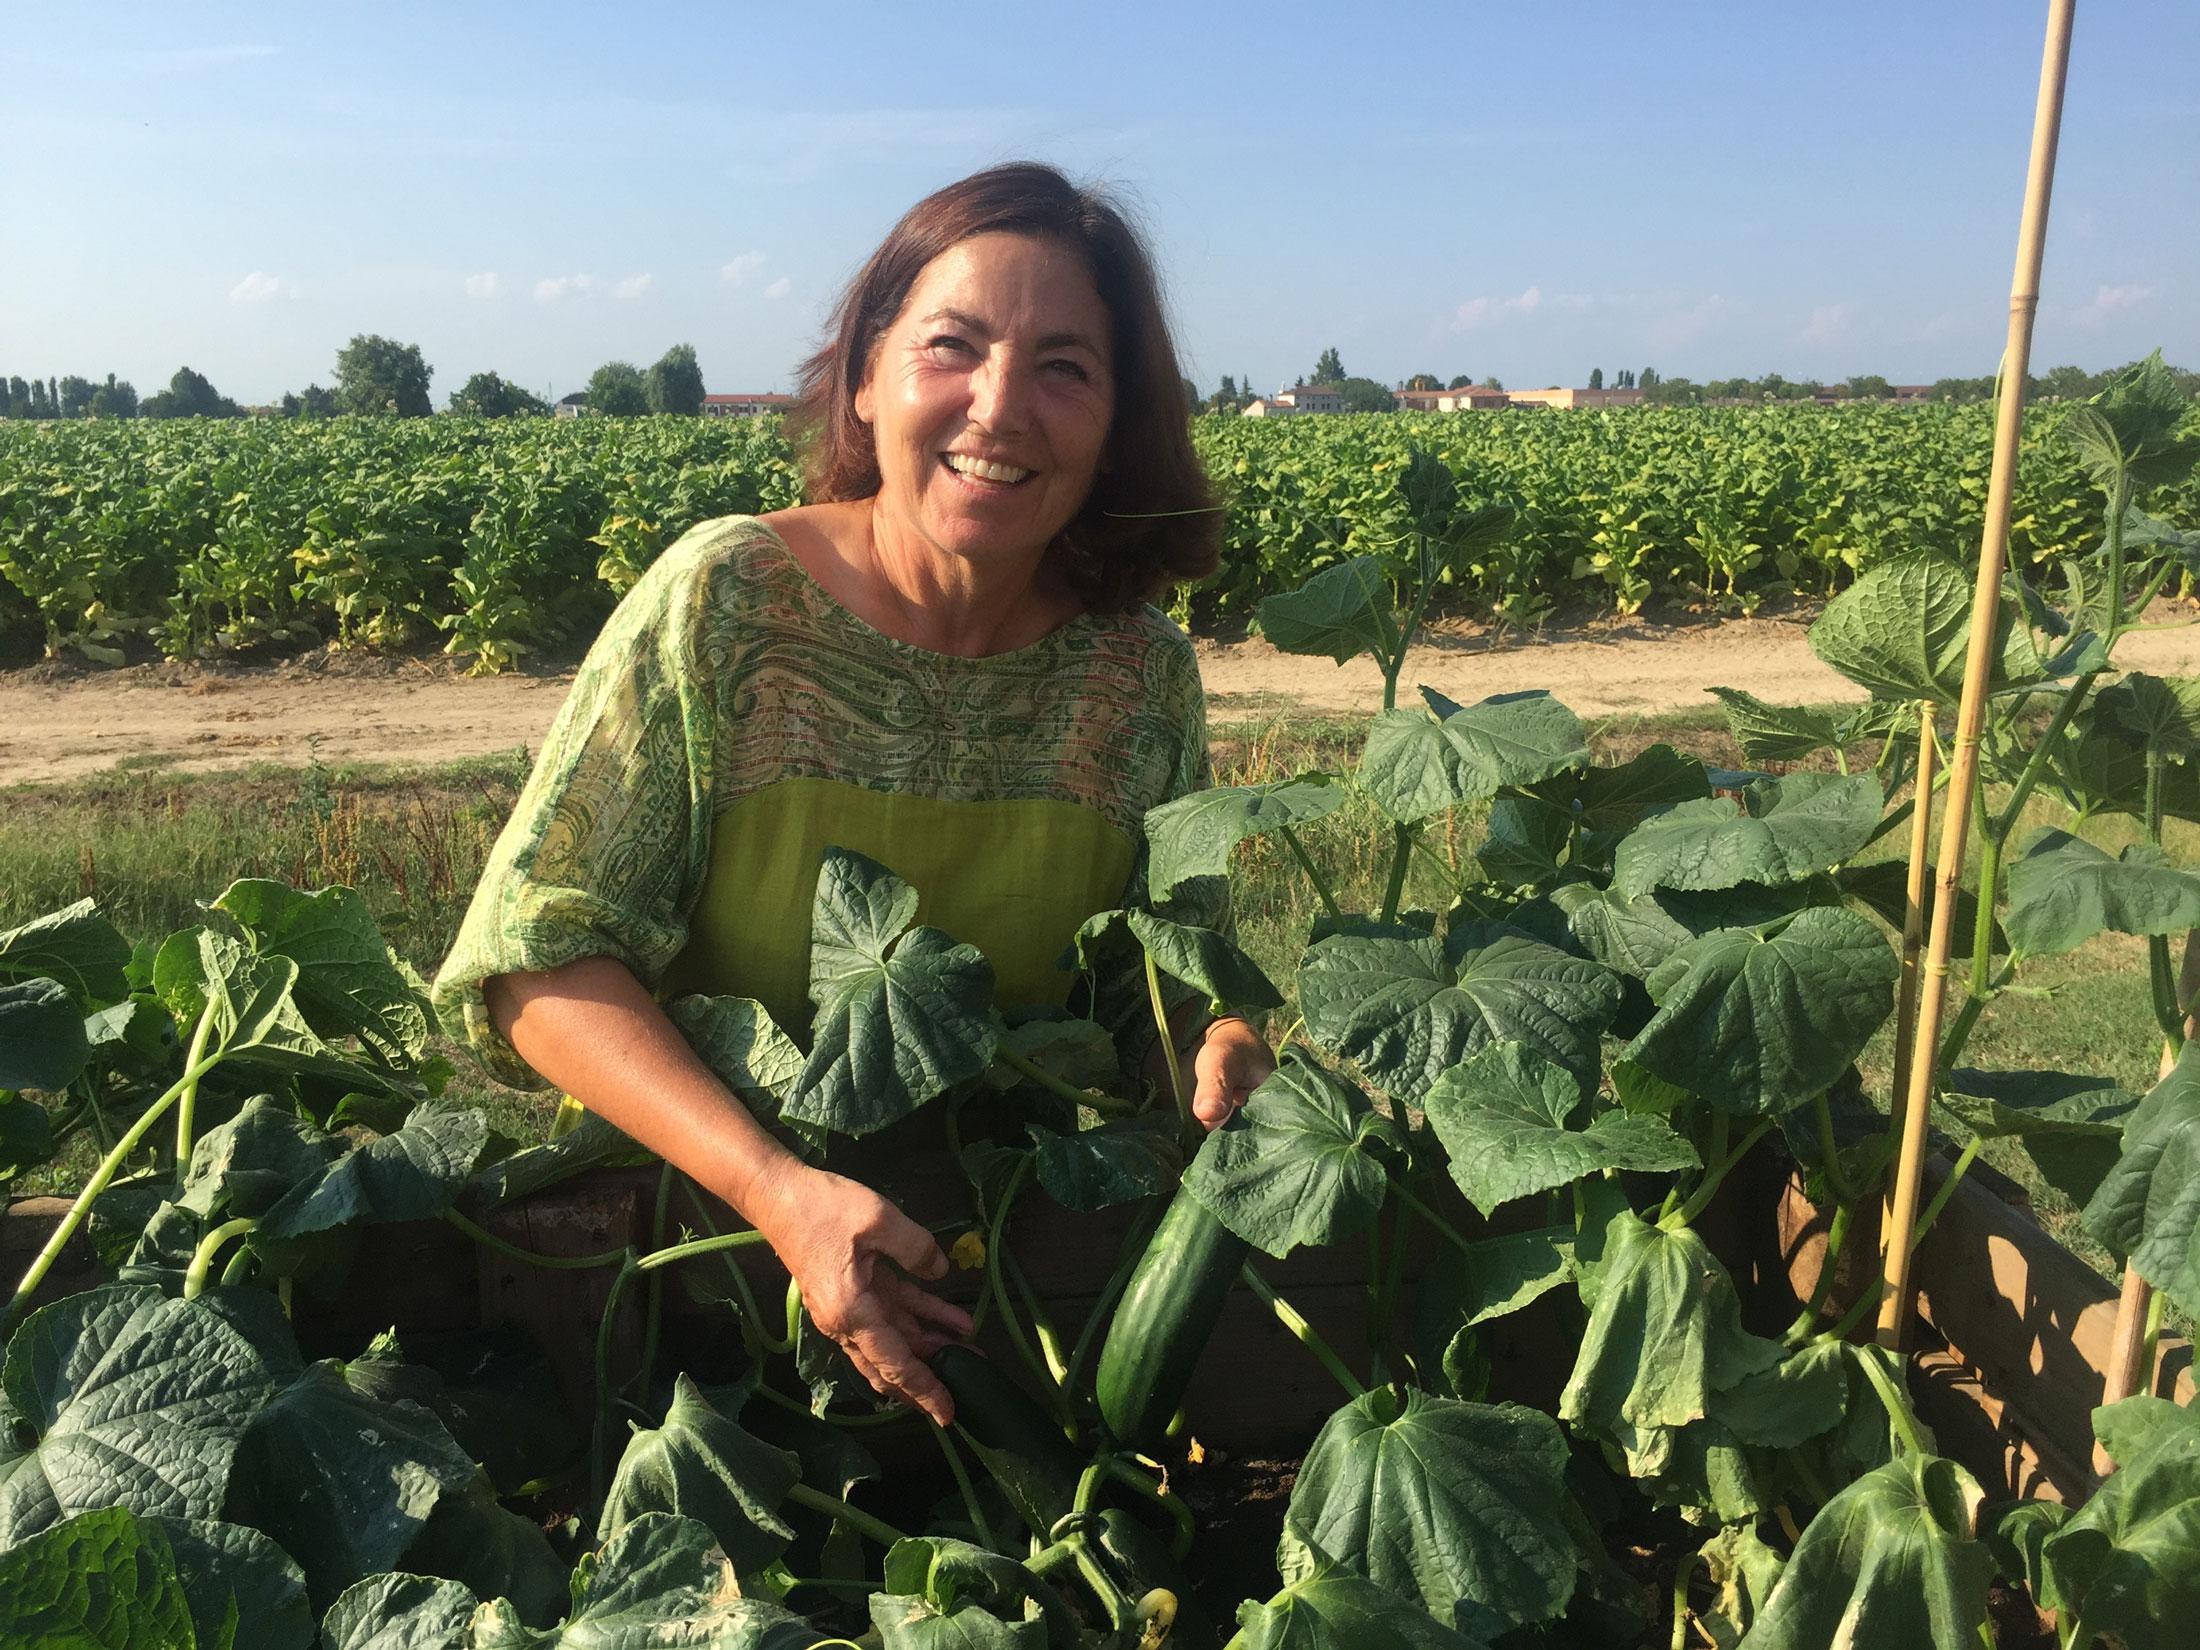 Giuliana raccoglie i frutti dell'orto biologico